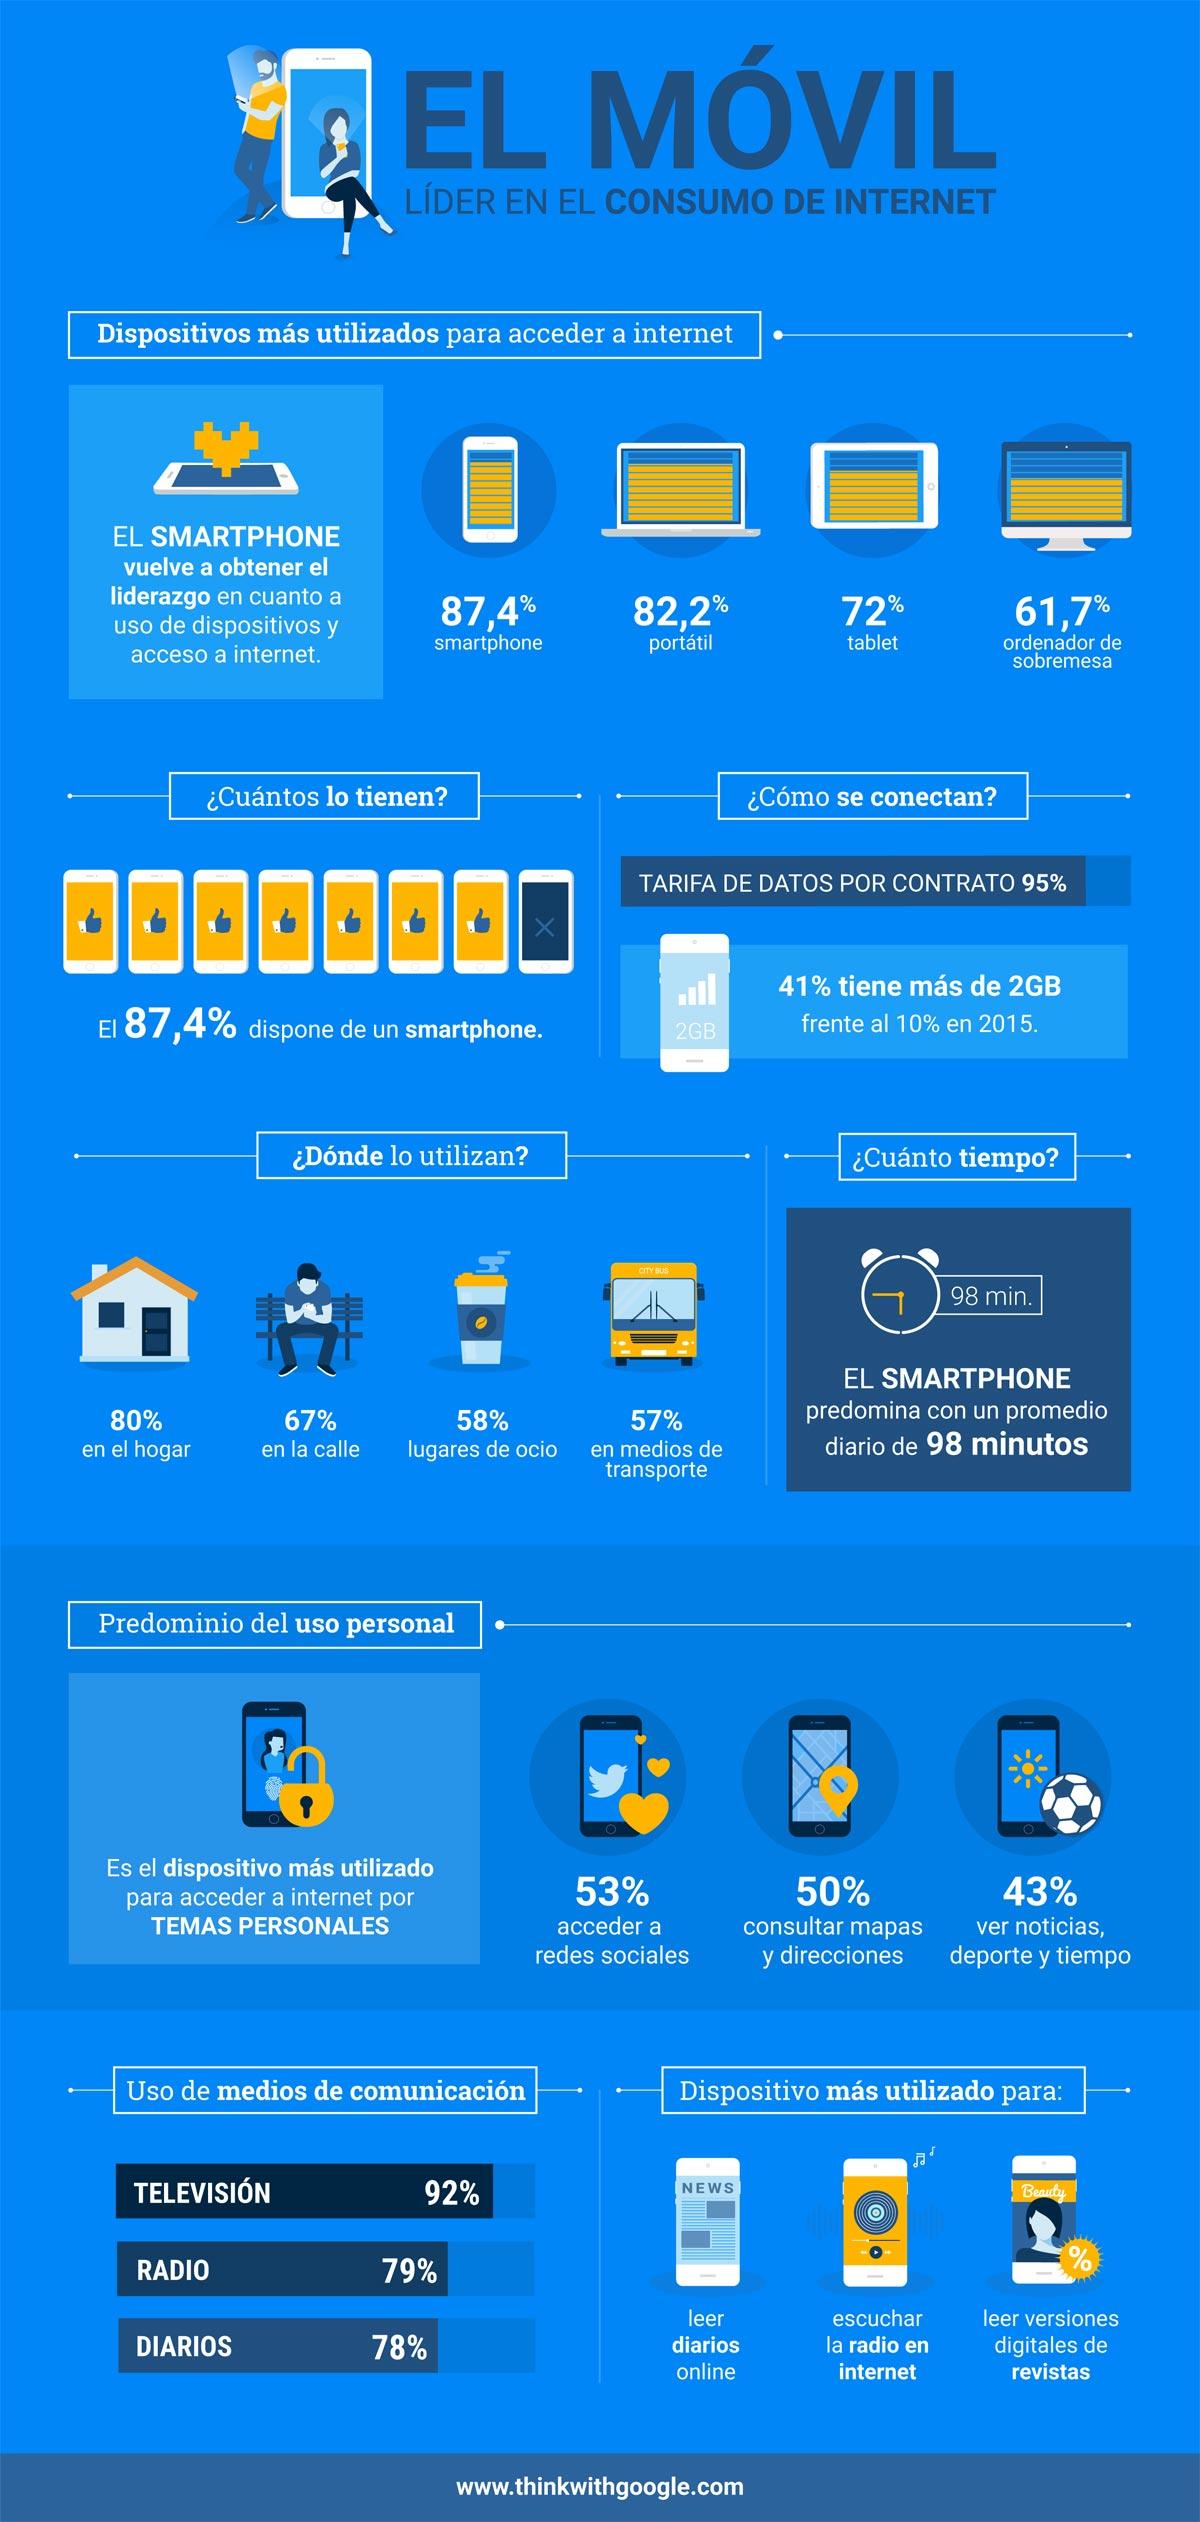 infografia-google-movil-lider-internet-2017-hola-jorge